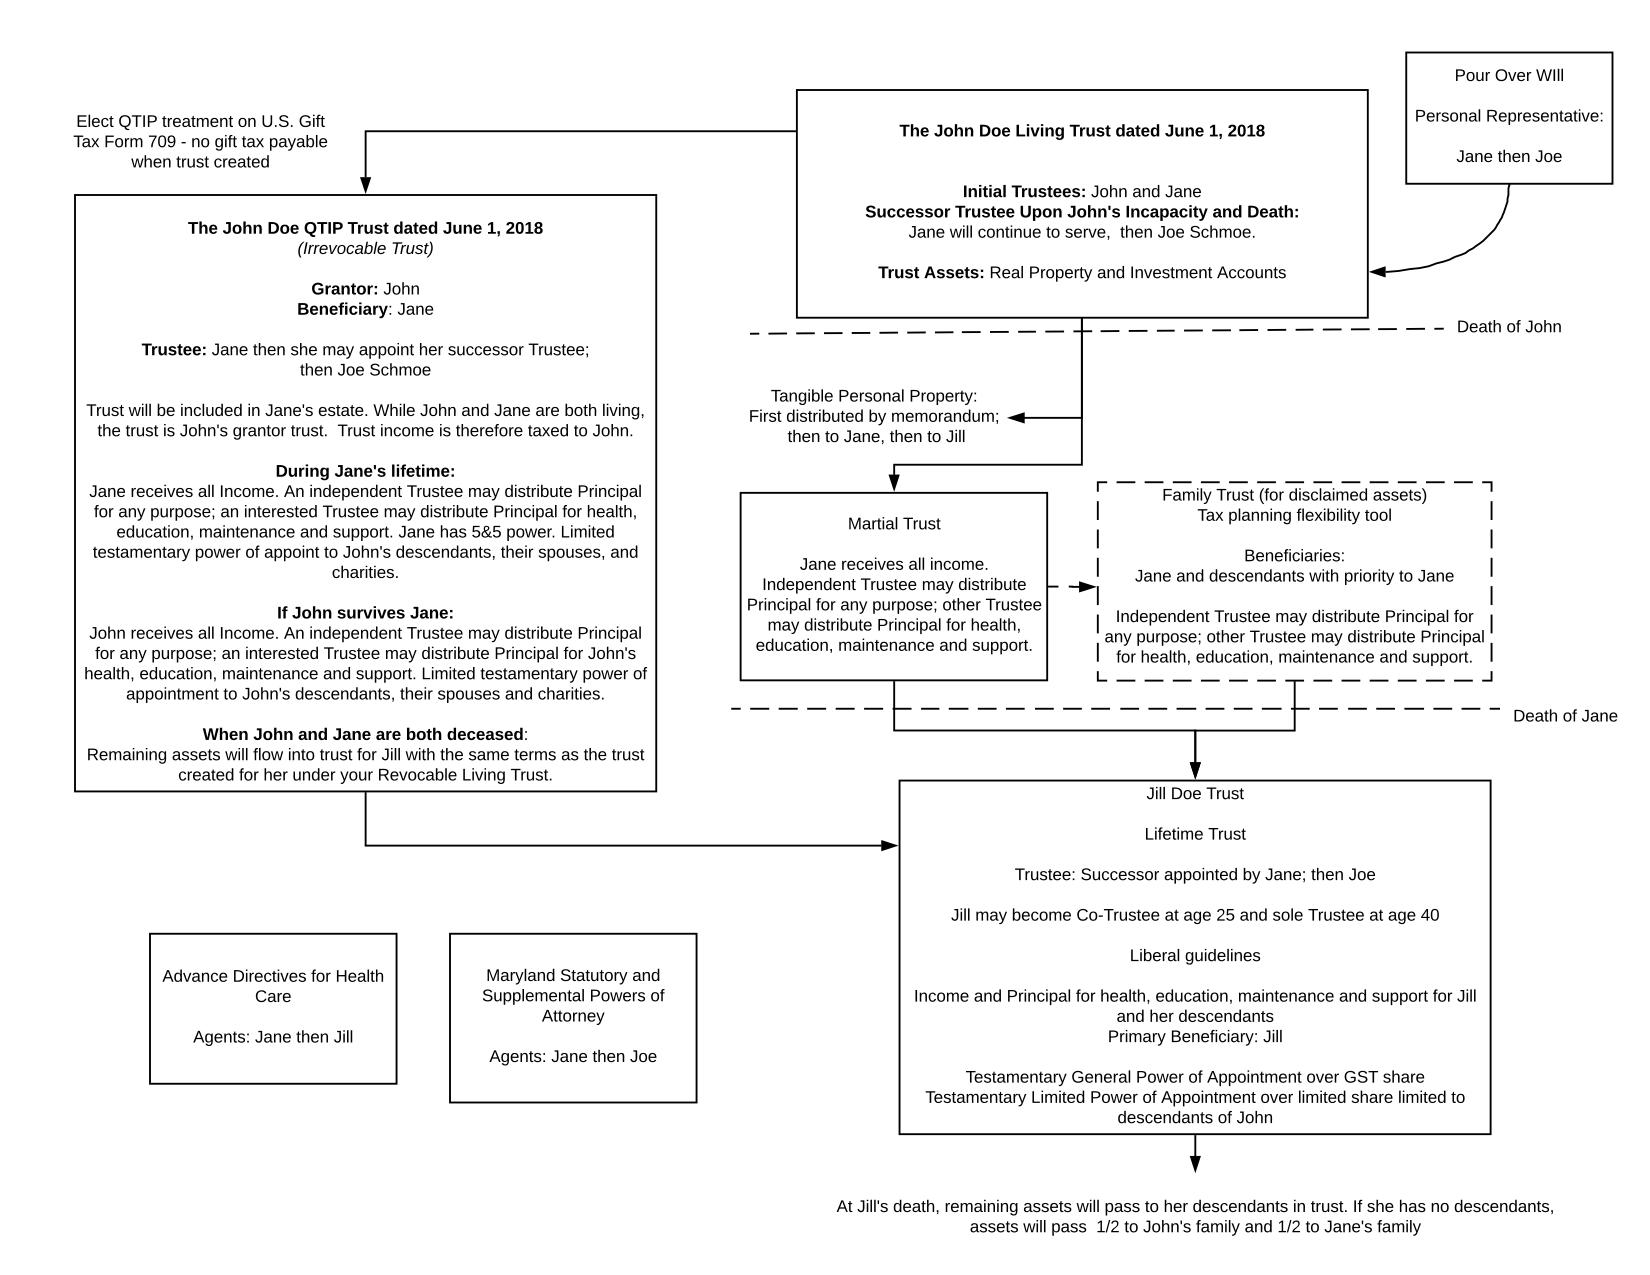 Example diagram